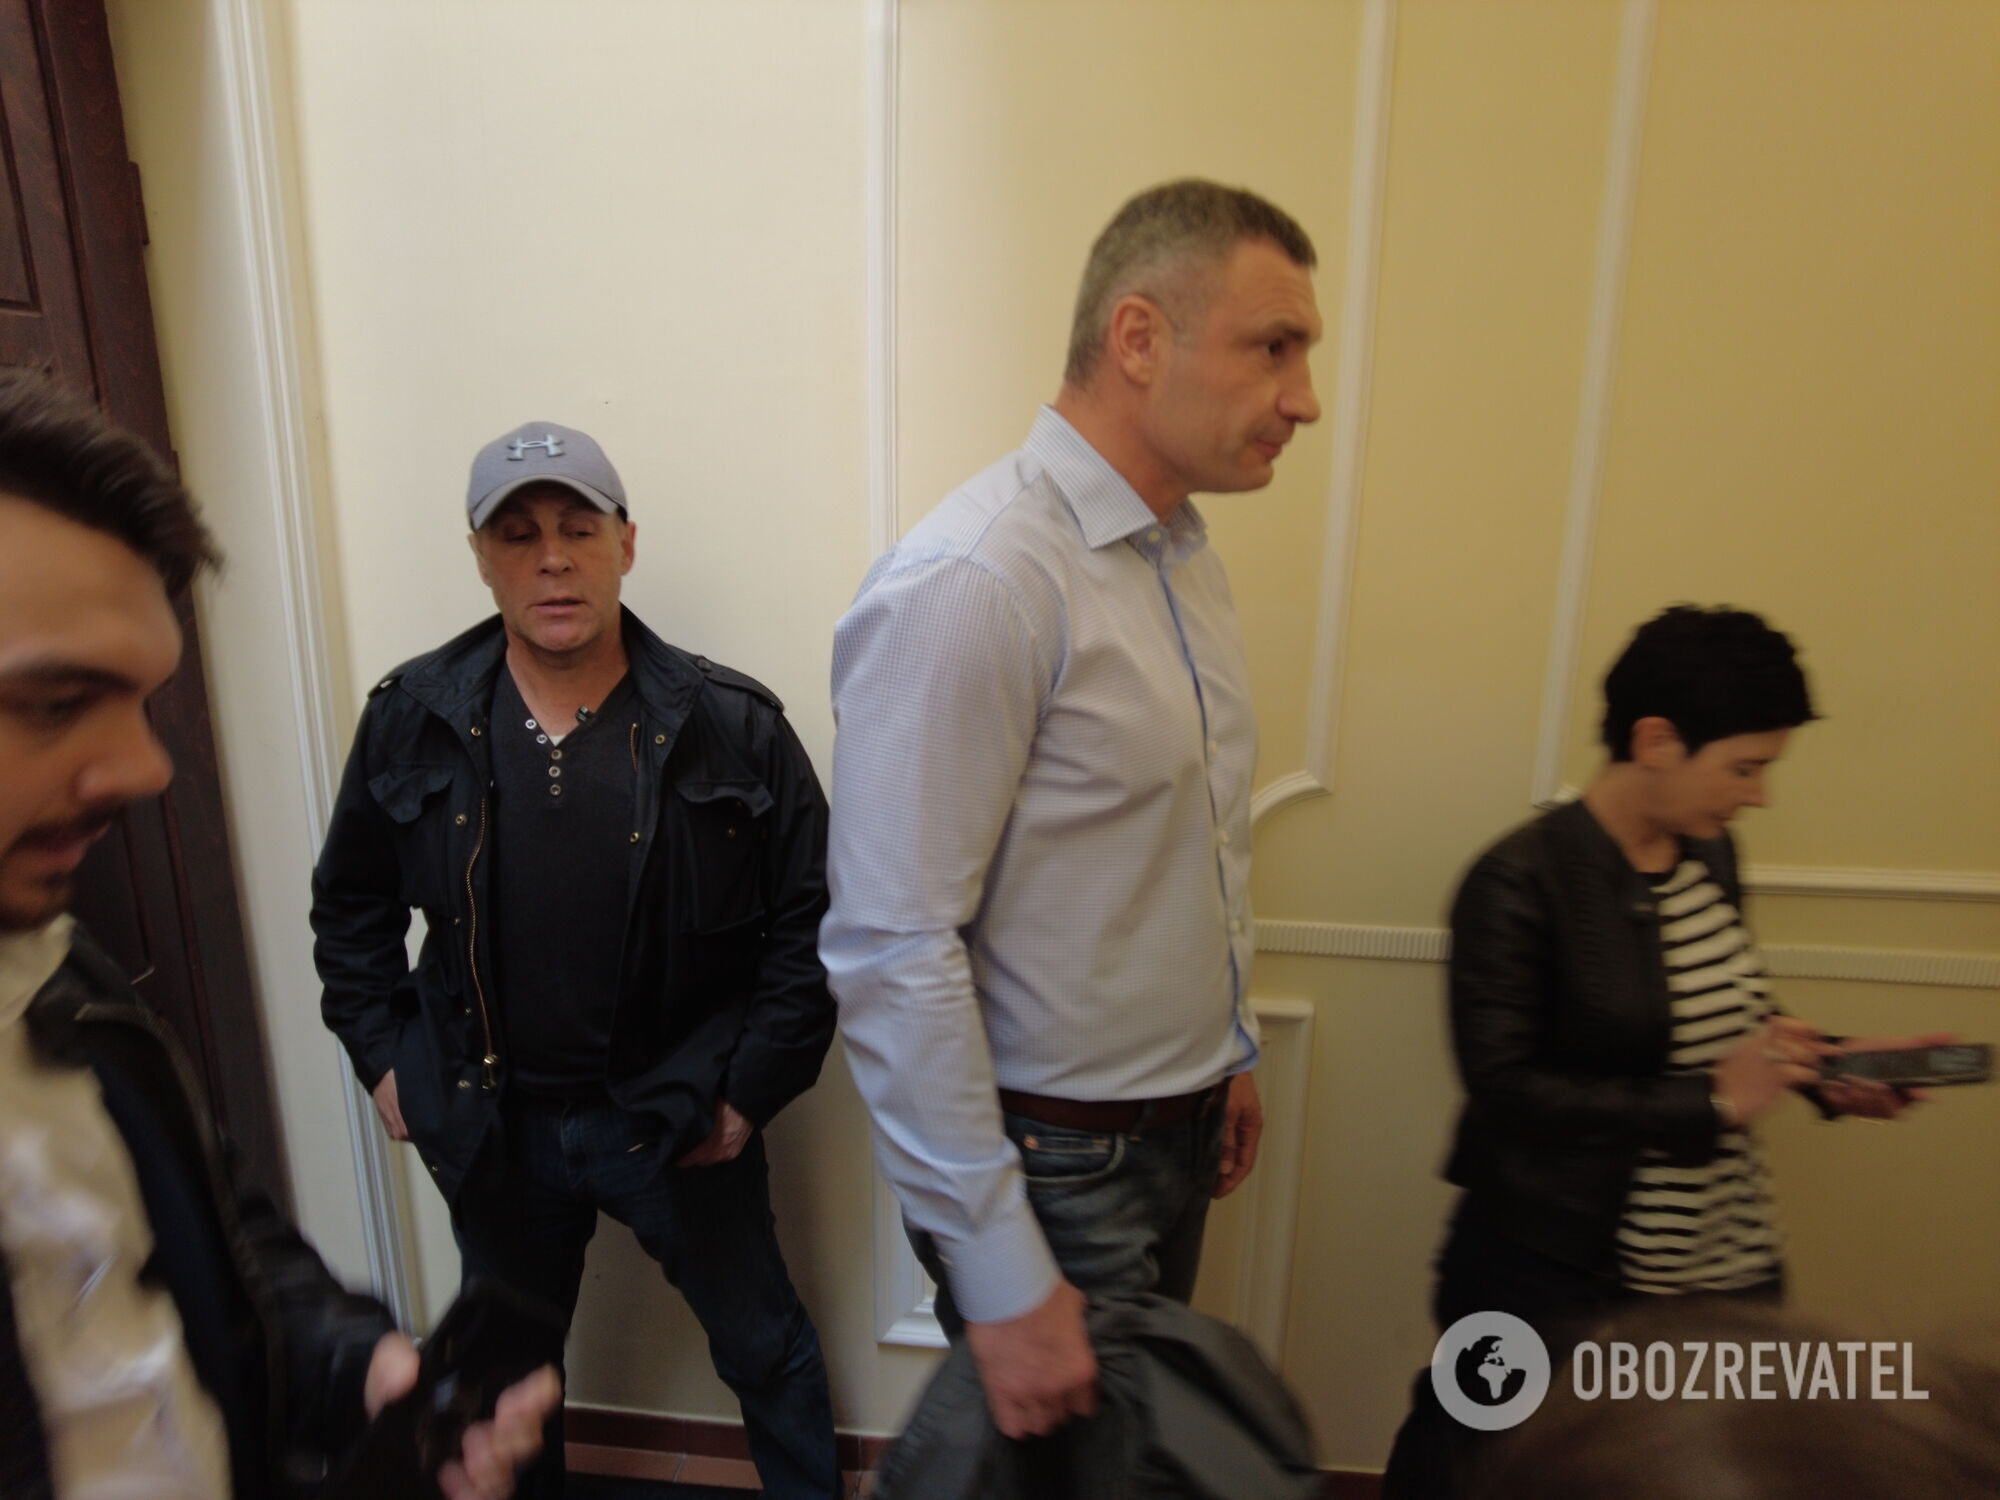 Виталий Кличко заявил, что силовики попали на камеру видеонаблюдения возле его квартиры